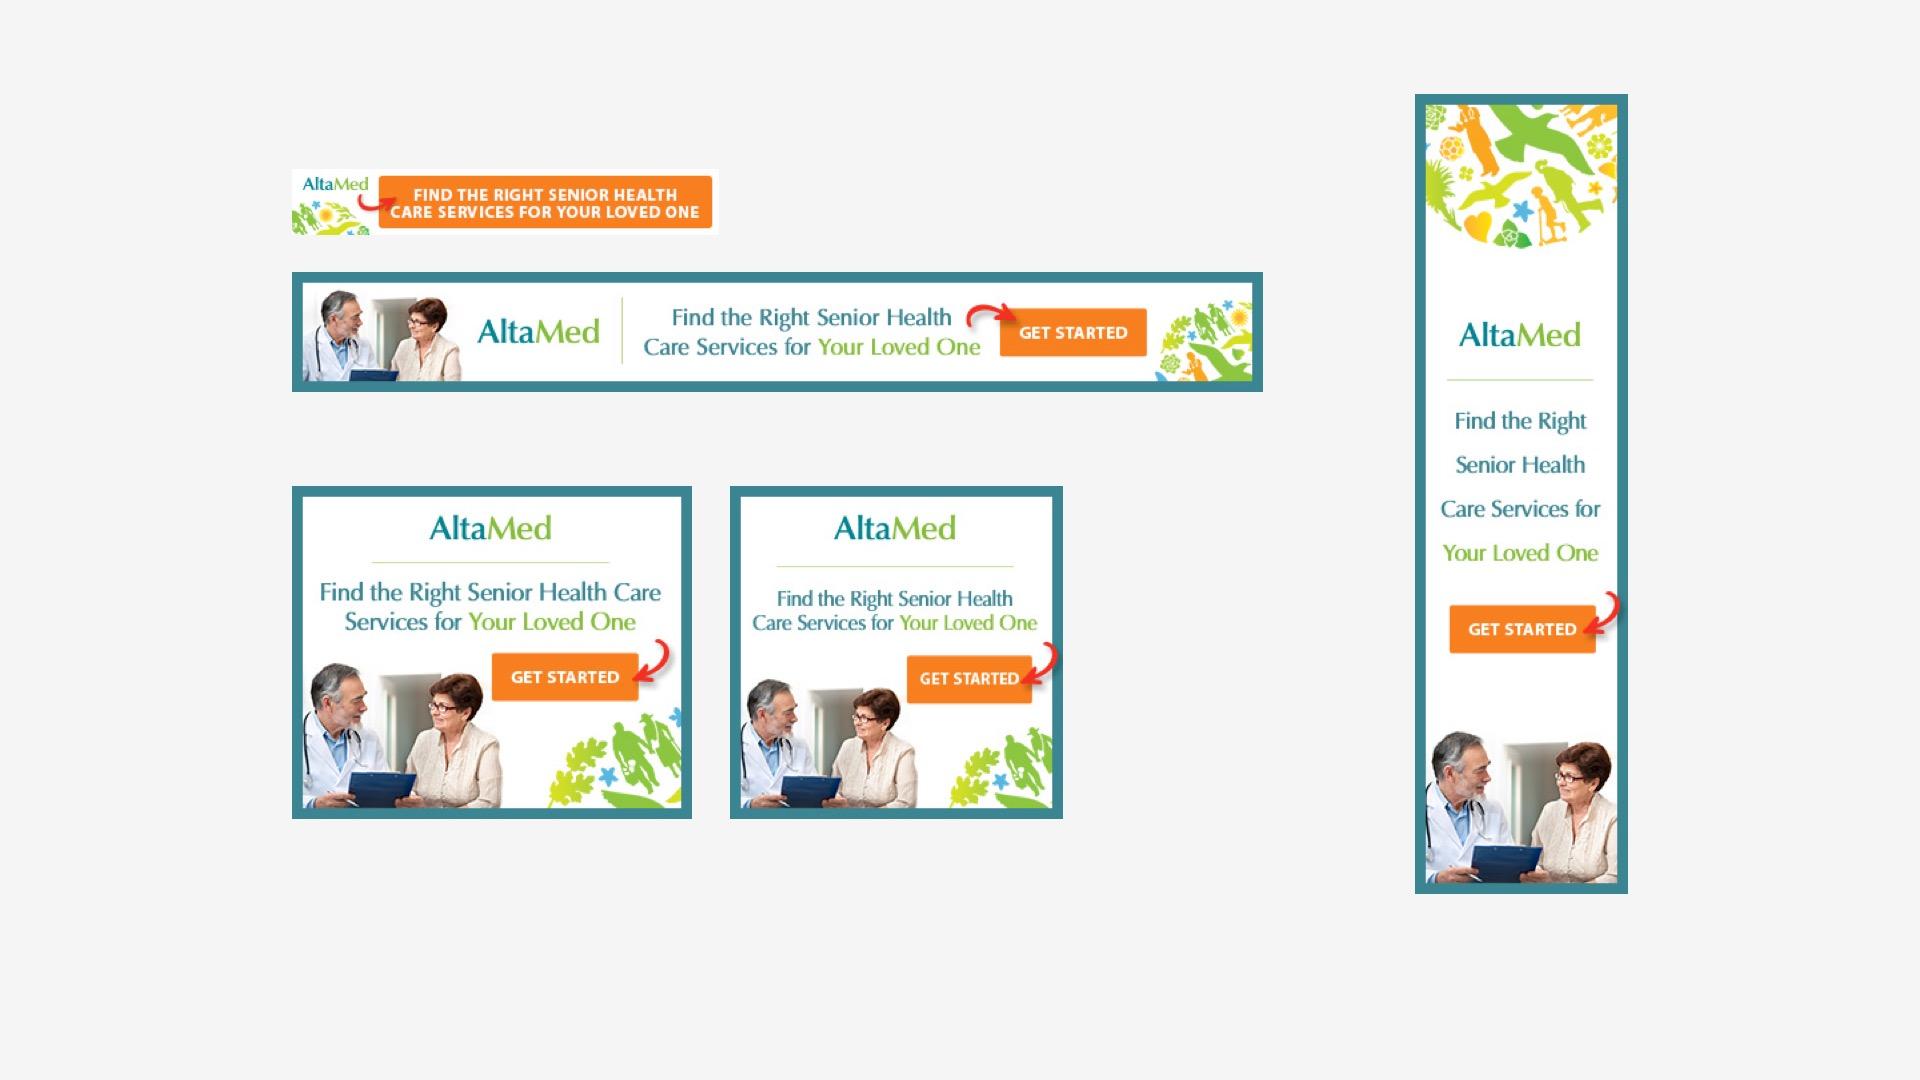 AltaMed: Banner Campaign